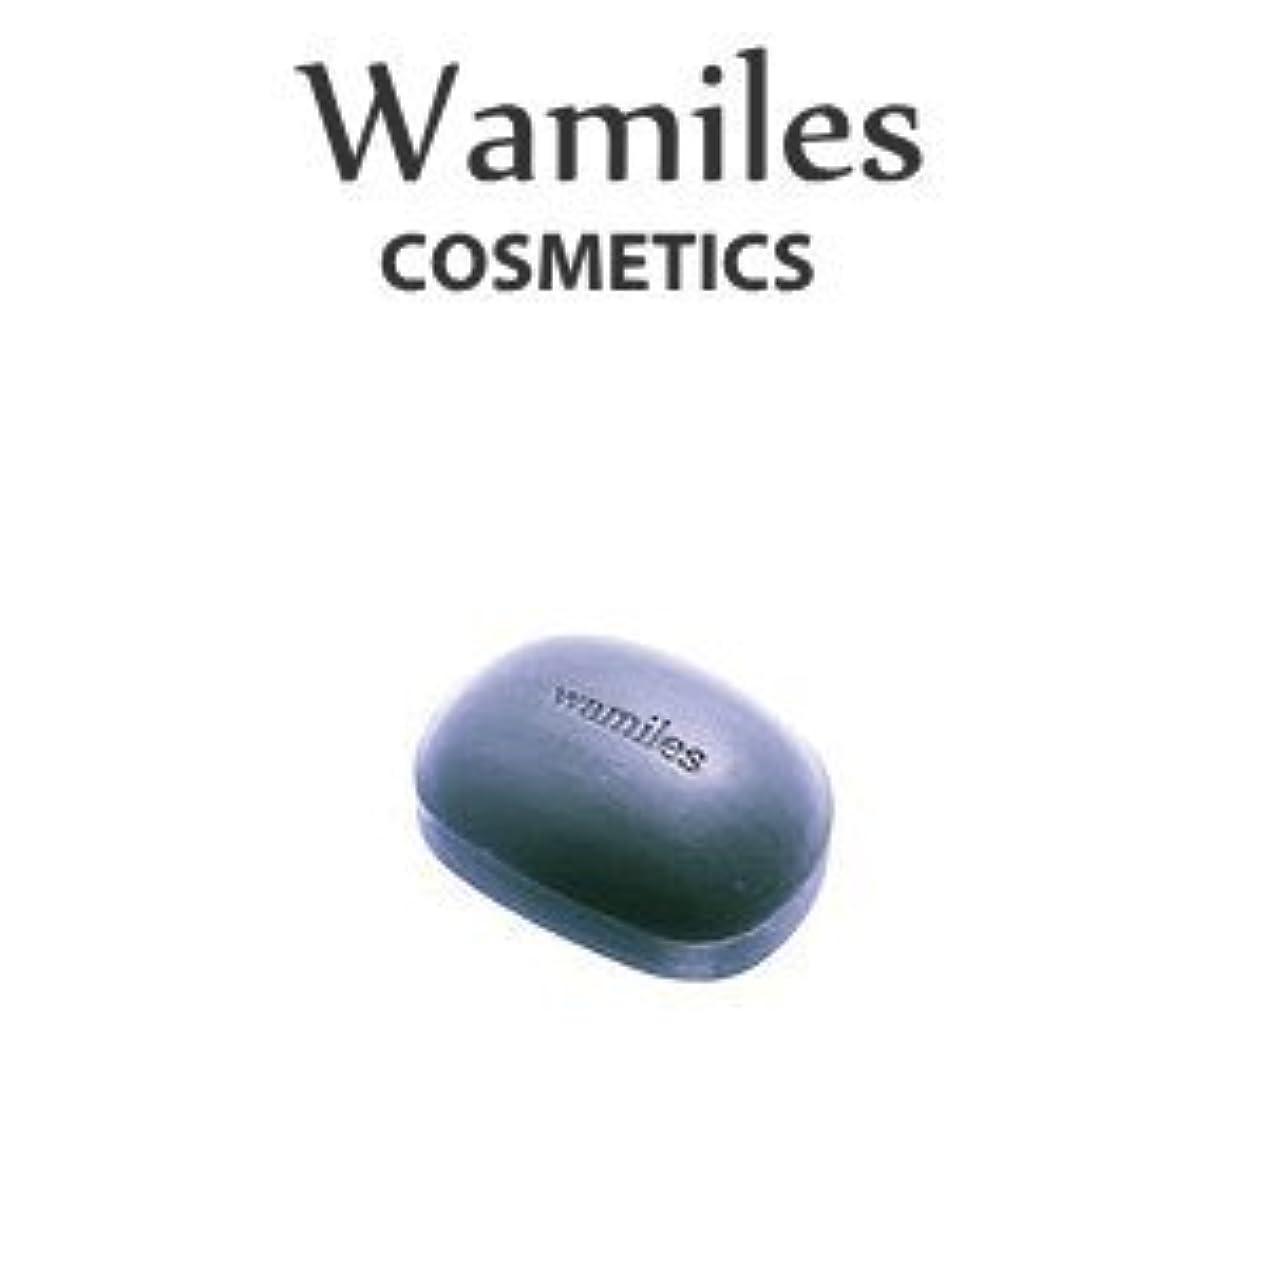 トーン入り口反対するwamiles/ワミレス ベーシックライン イオンヌ クレイソープ 100g